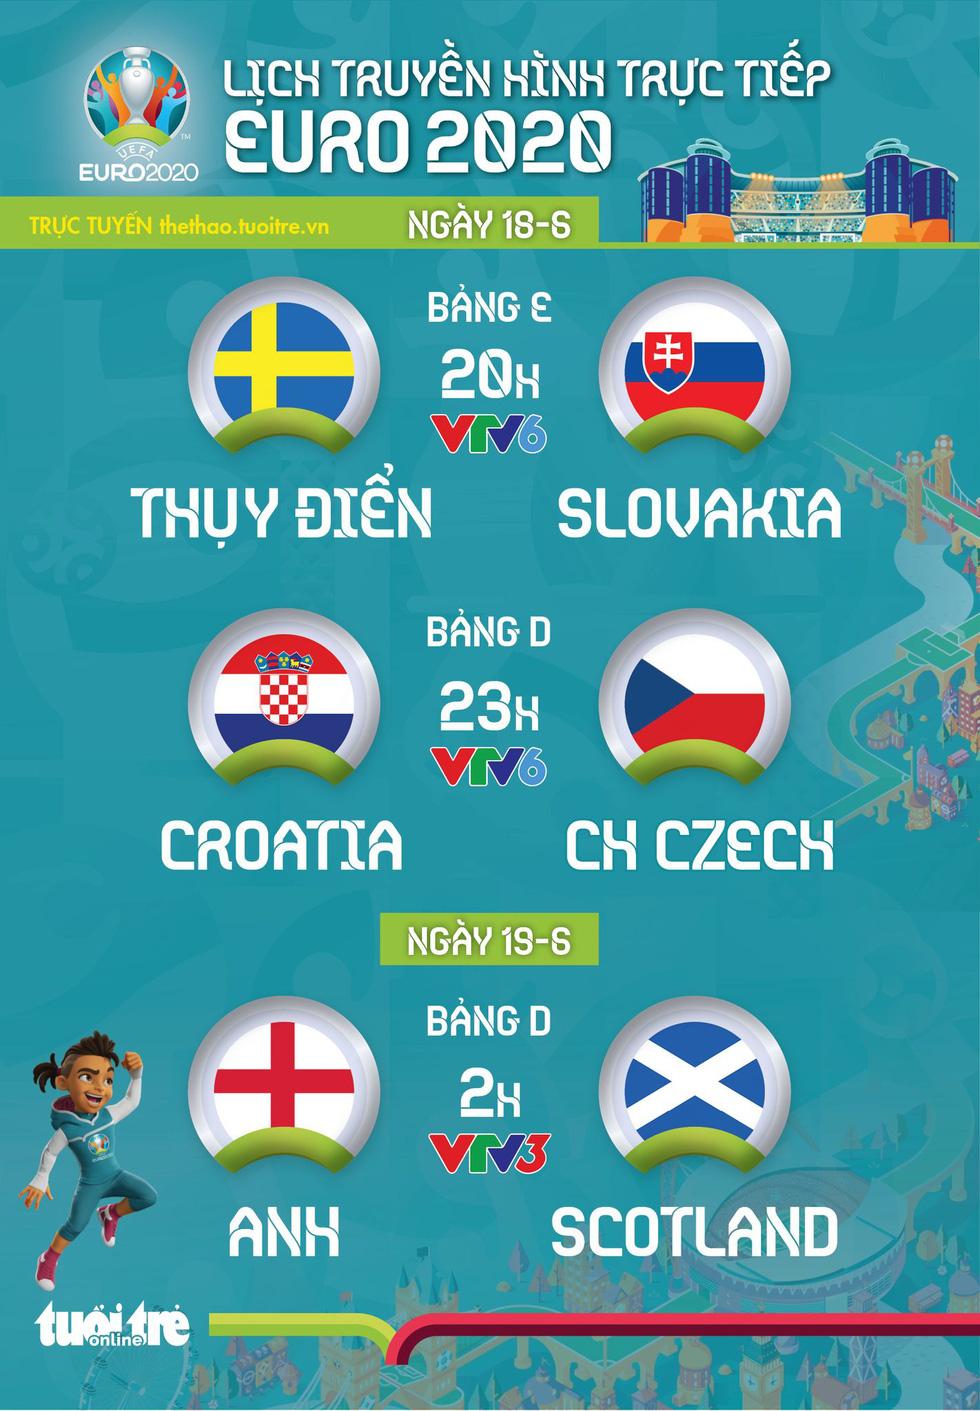 Bảng tổng hợp các trận đấu VCK EURO 2020 ngày 18/06